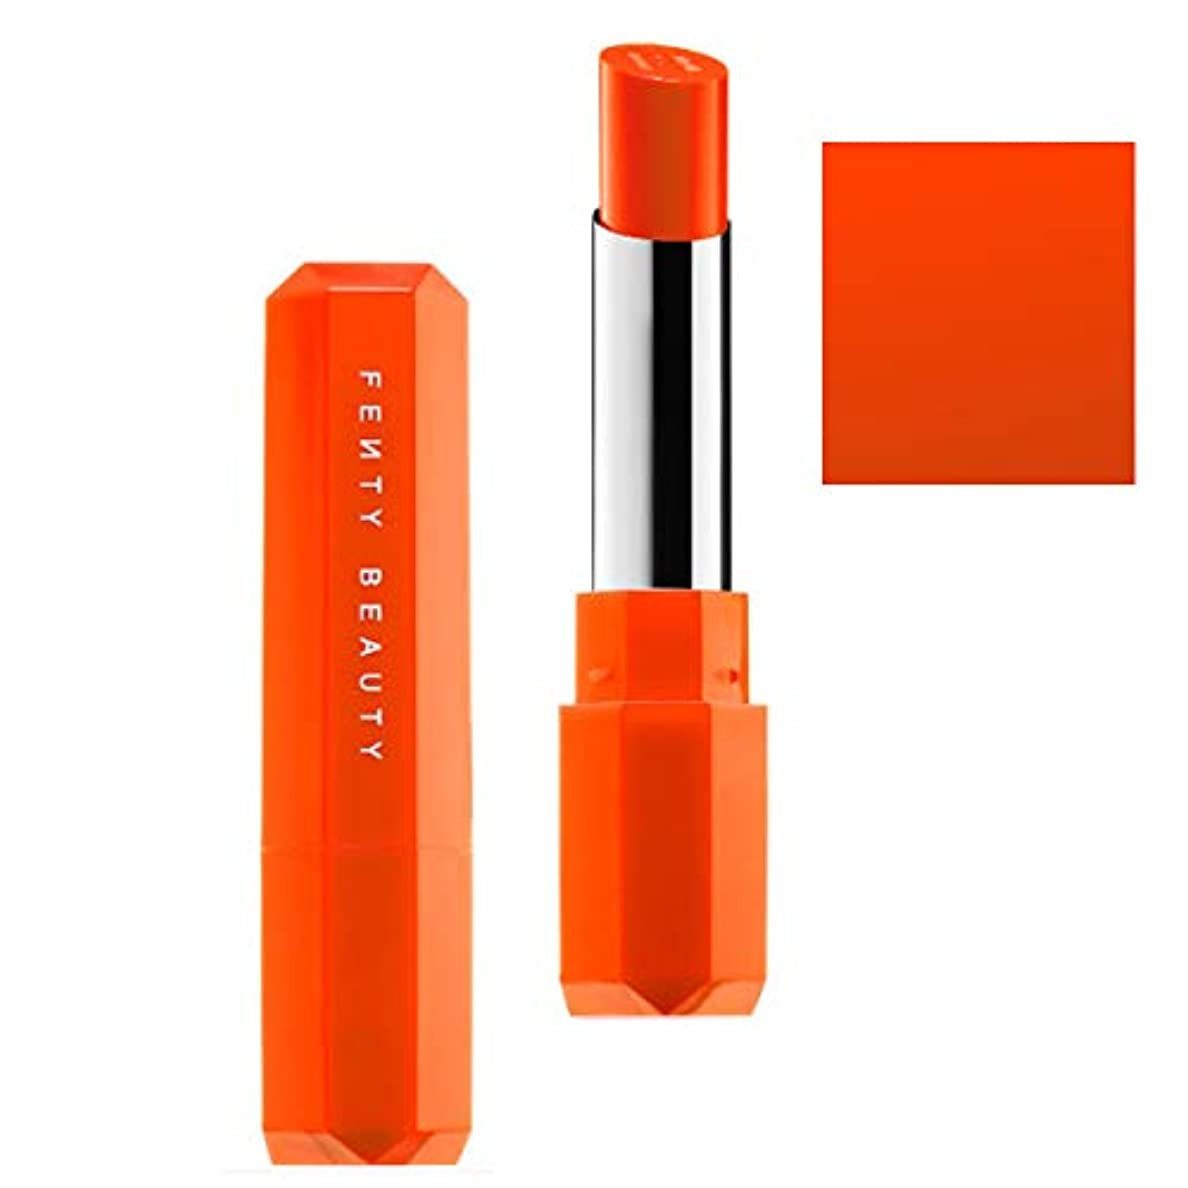 密接に欠かせない内側FENTY BEAUTY BY RIHANNA,New!!, 限定版 limited-edition, Poutsicle Juicy Satin Lipstick - Sun Snatched [海外直送品] [並行輸入品]